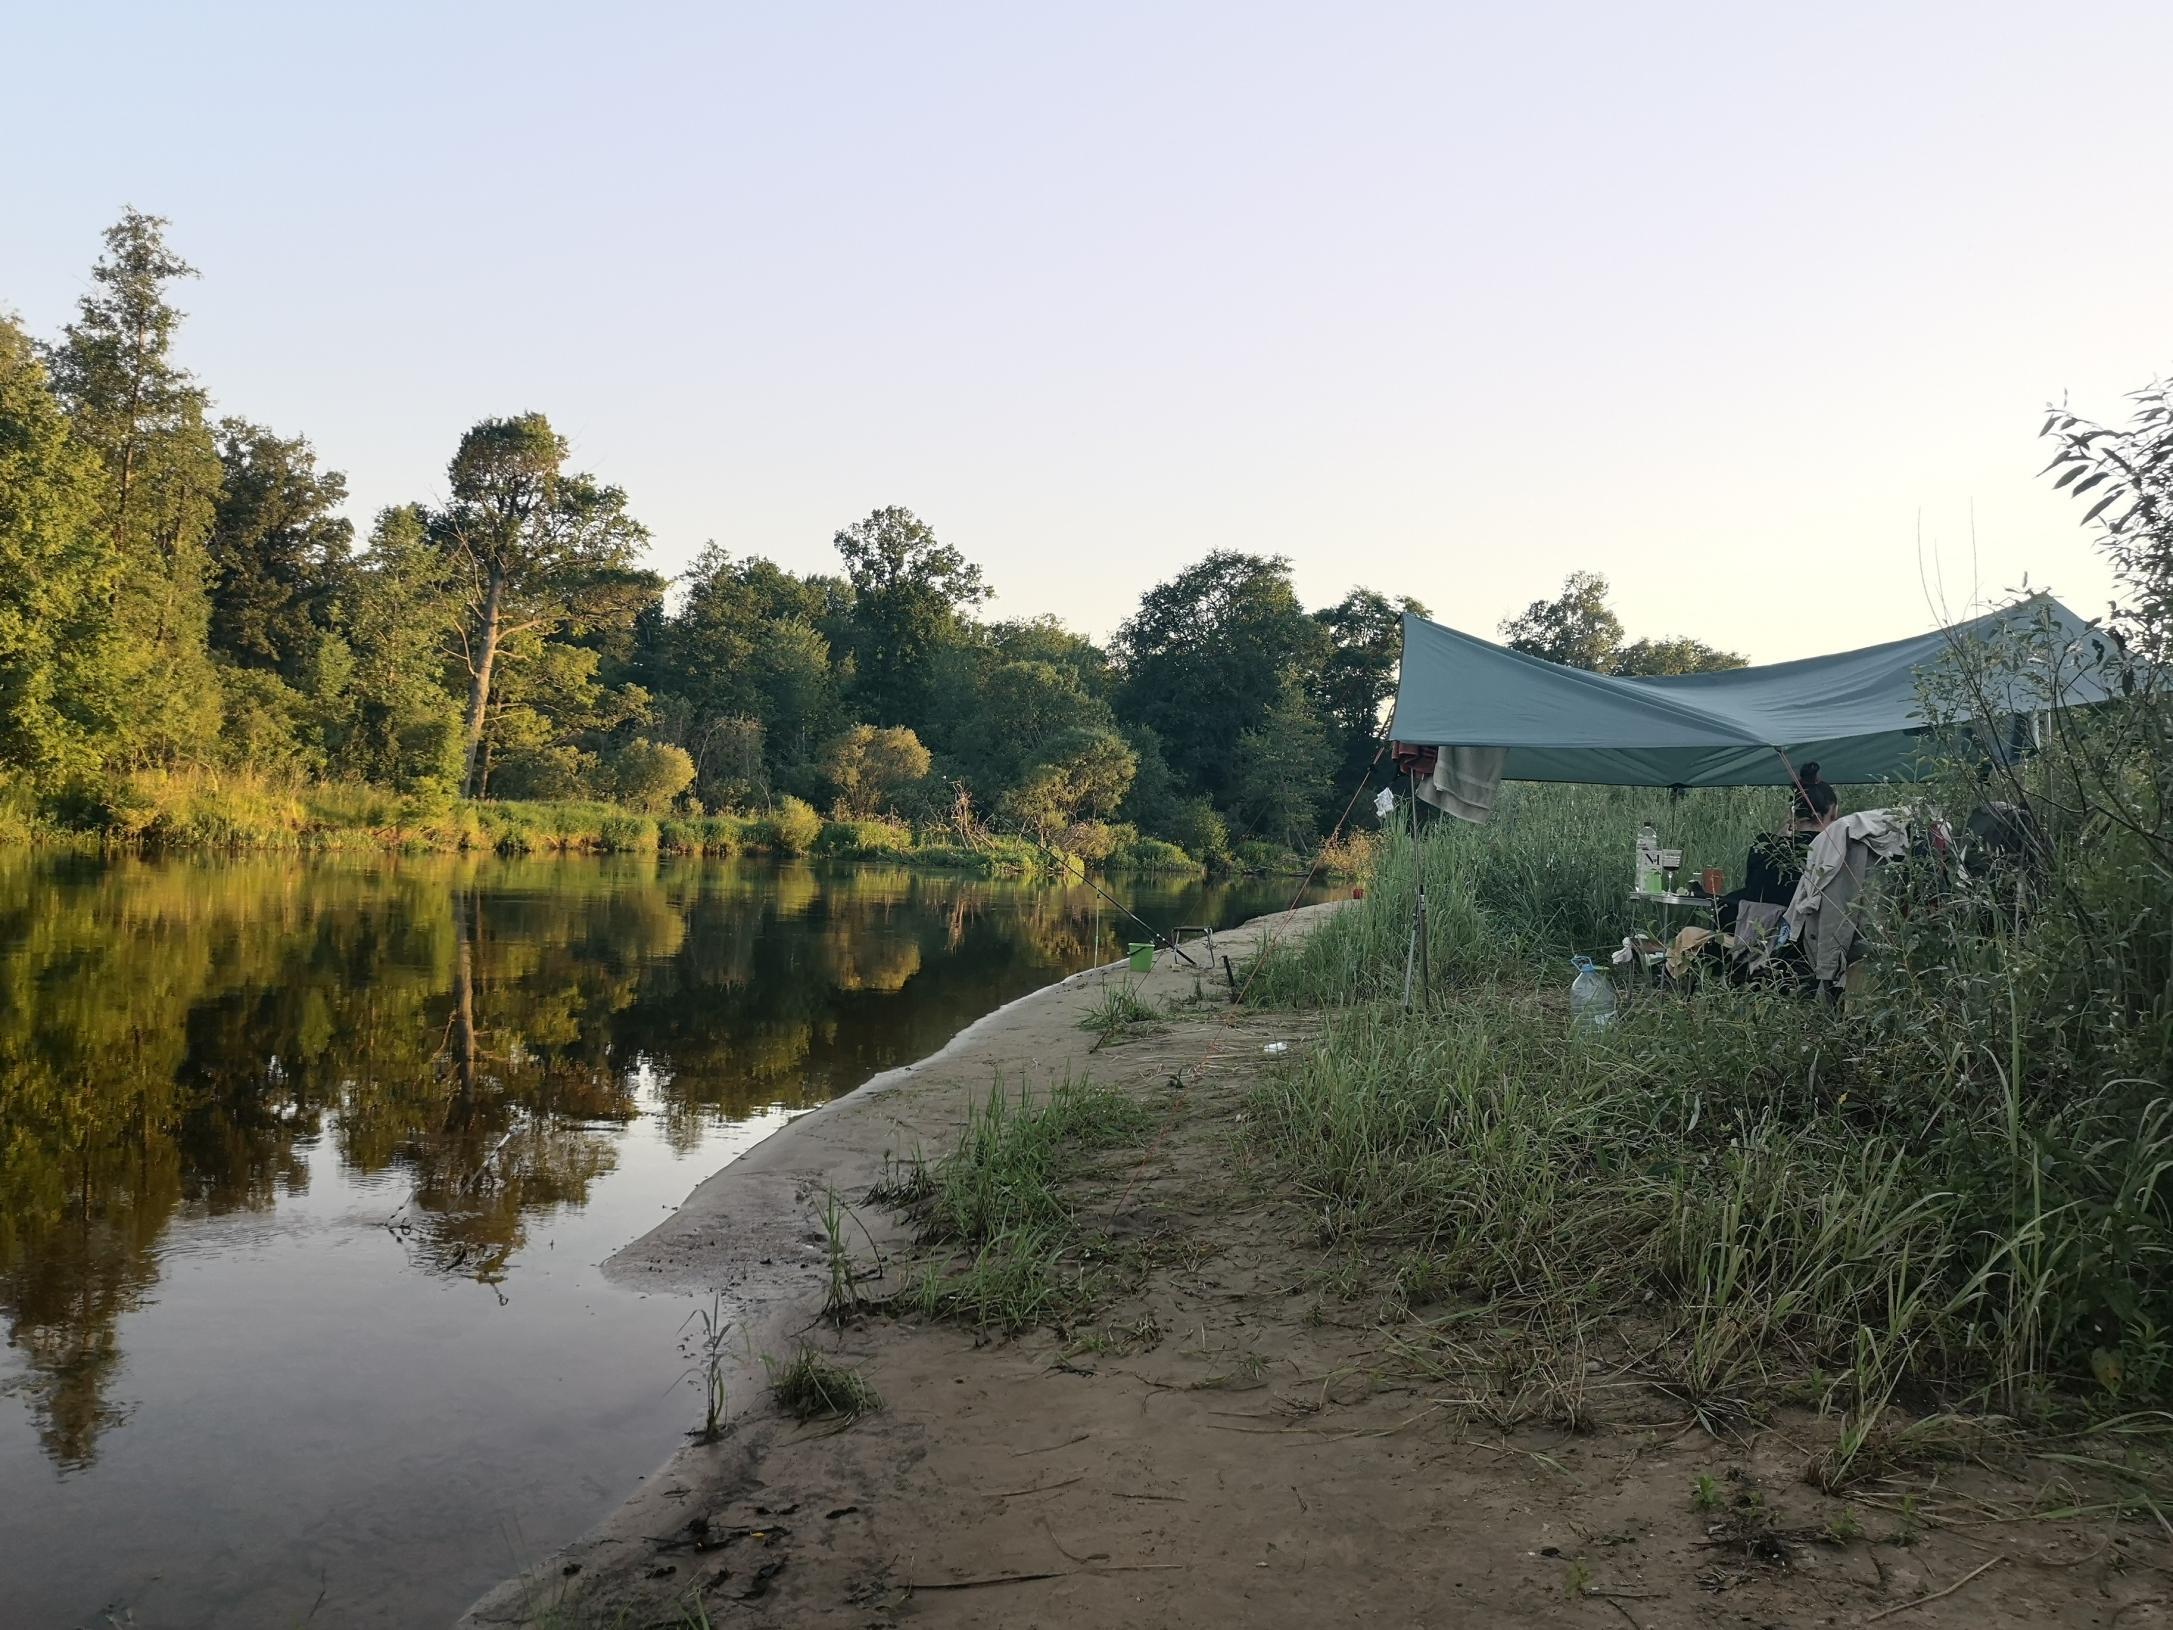 По случаю шикарной погоды, в минувшие выходные рыбалить ... | Отчеты о рыбалке в Беларуси